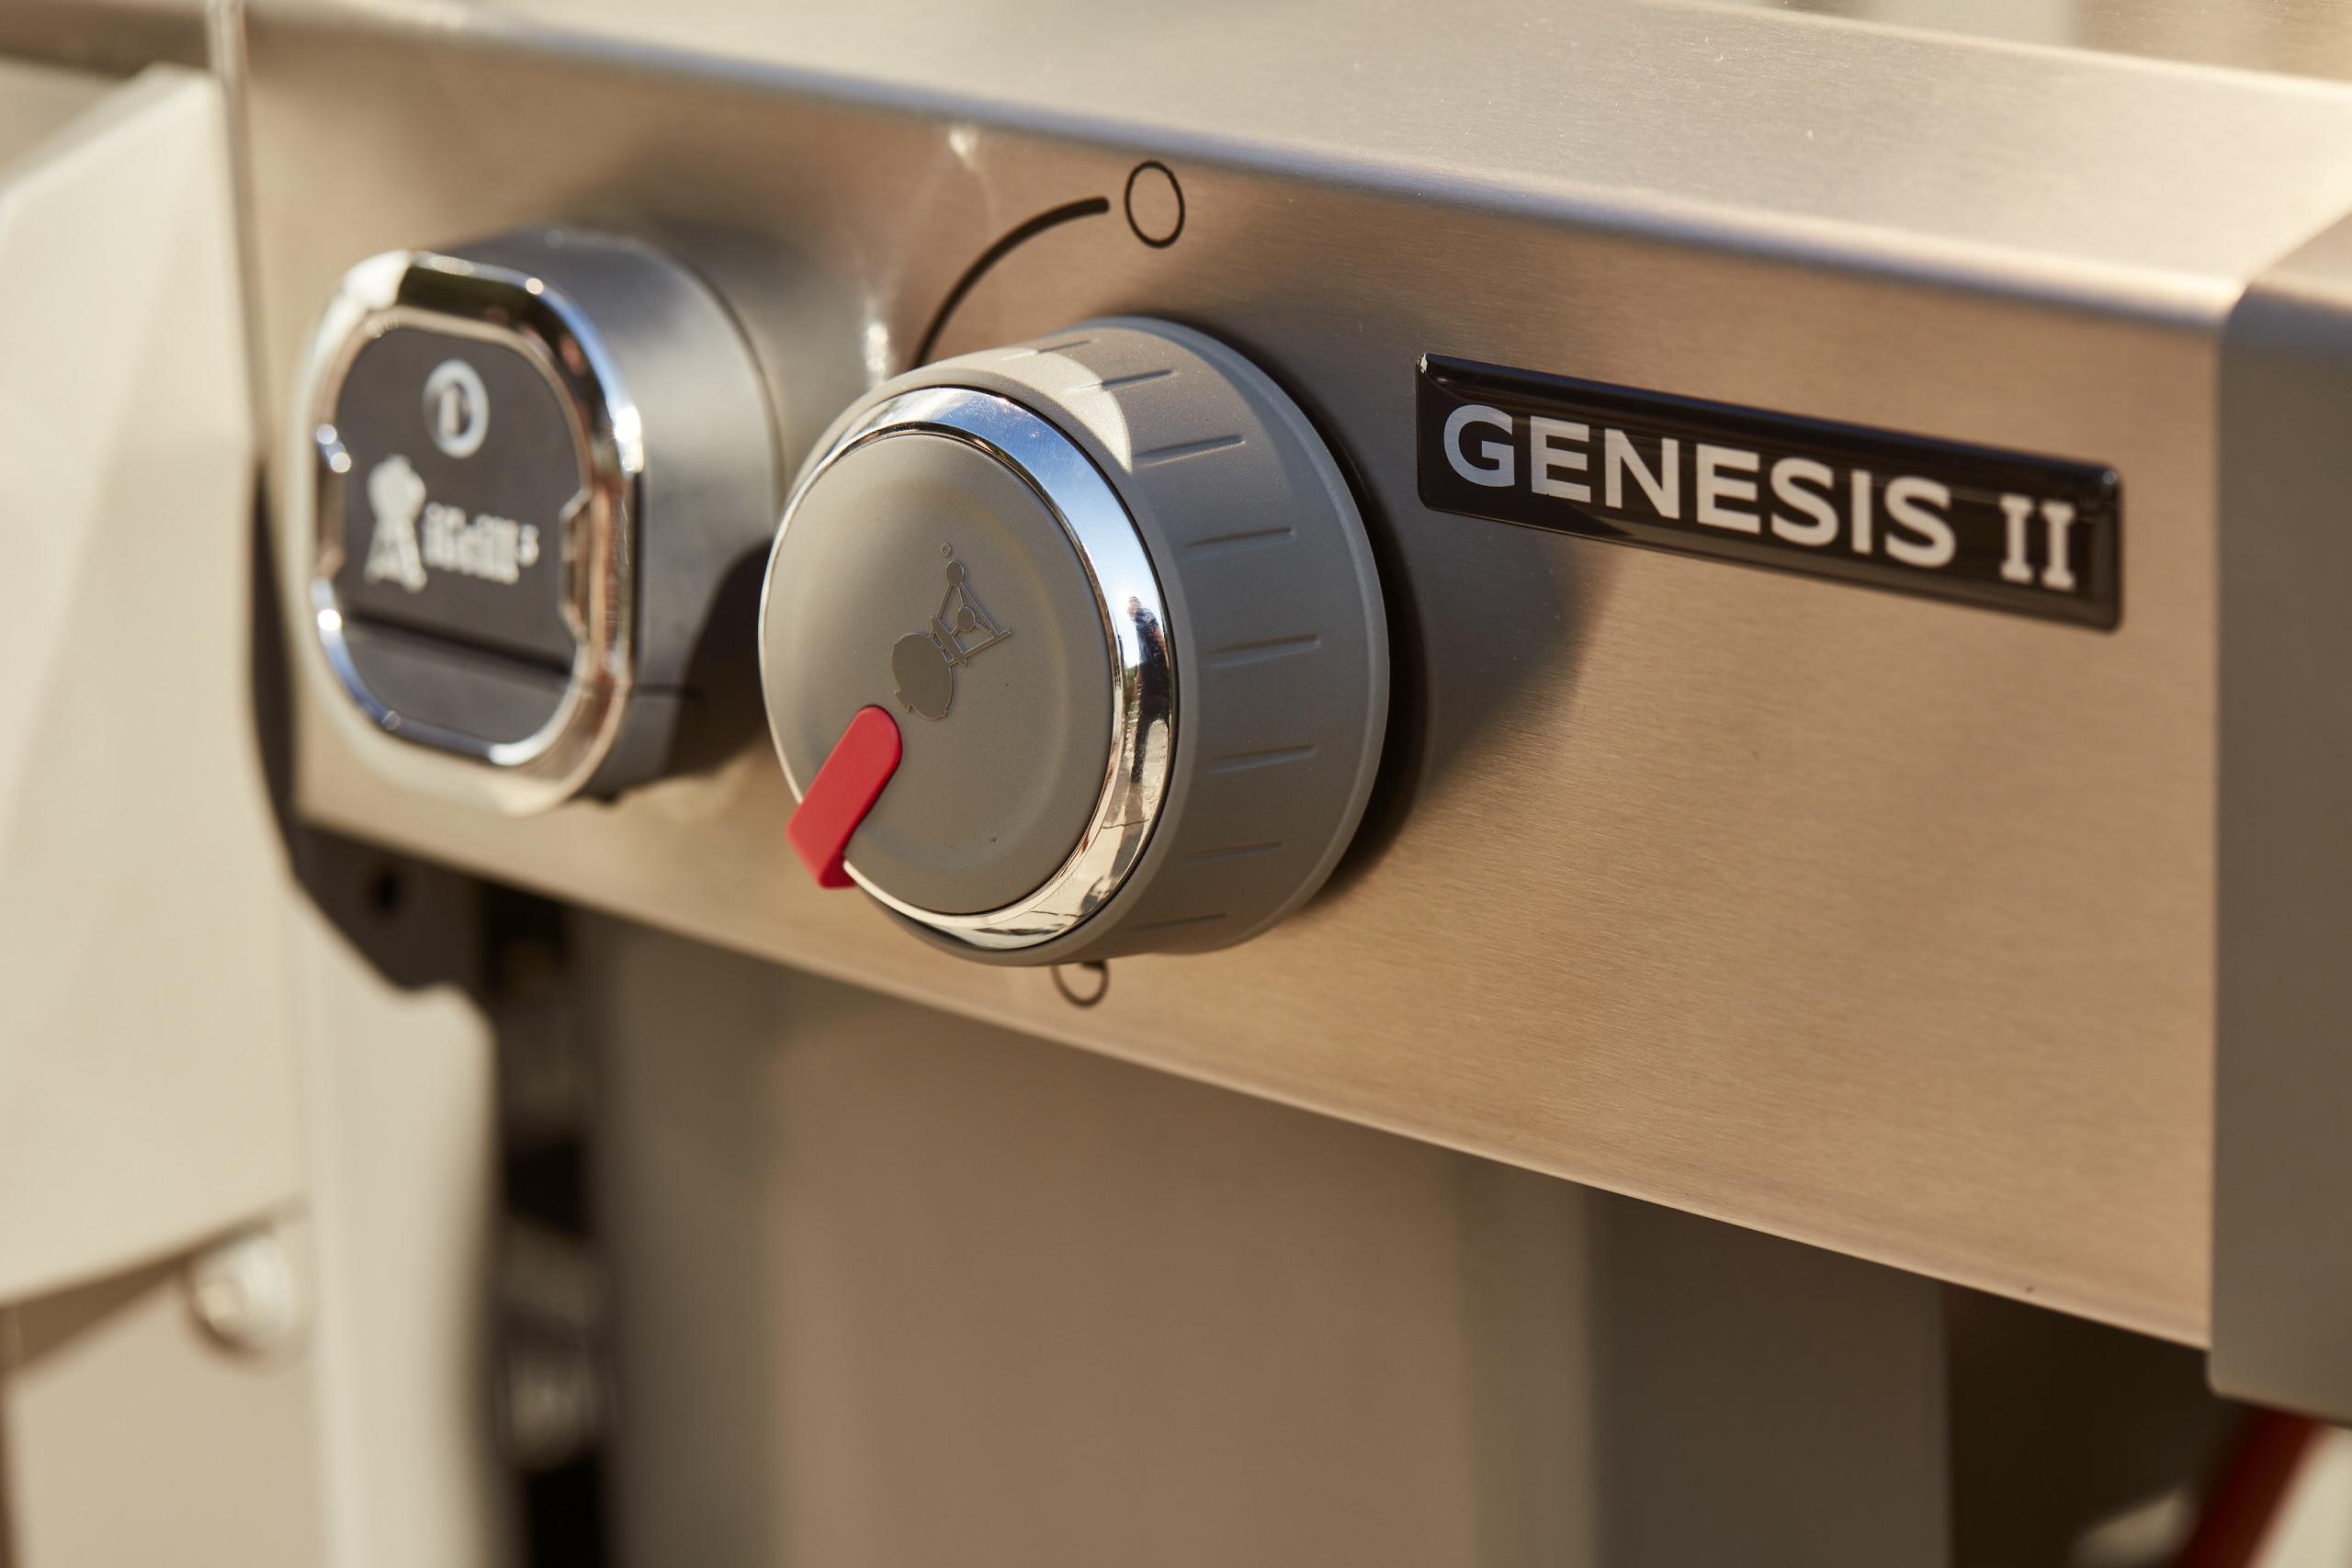 Weber Genesis II EP-335 GBS Black